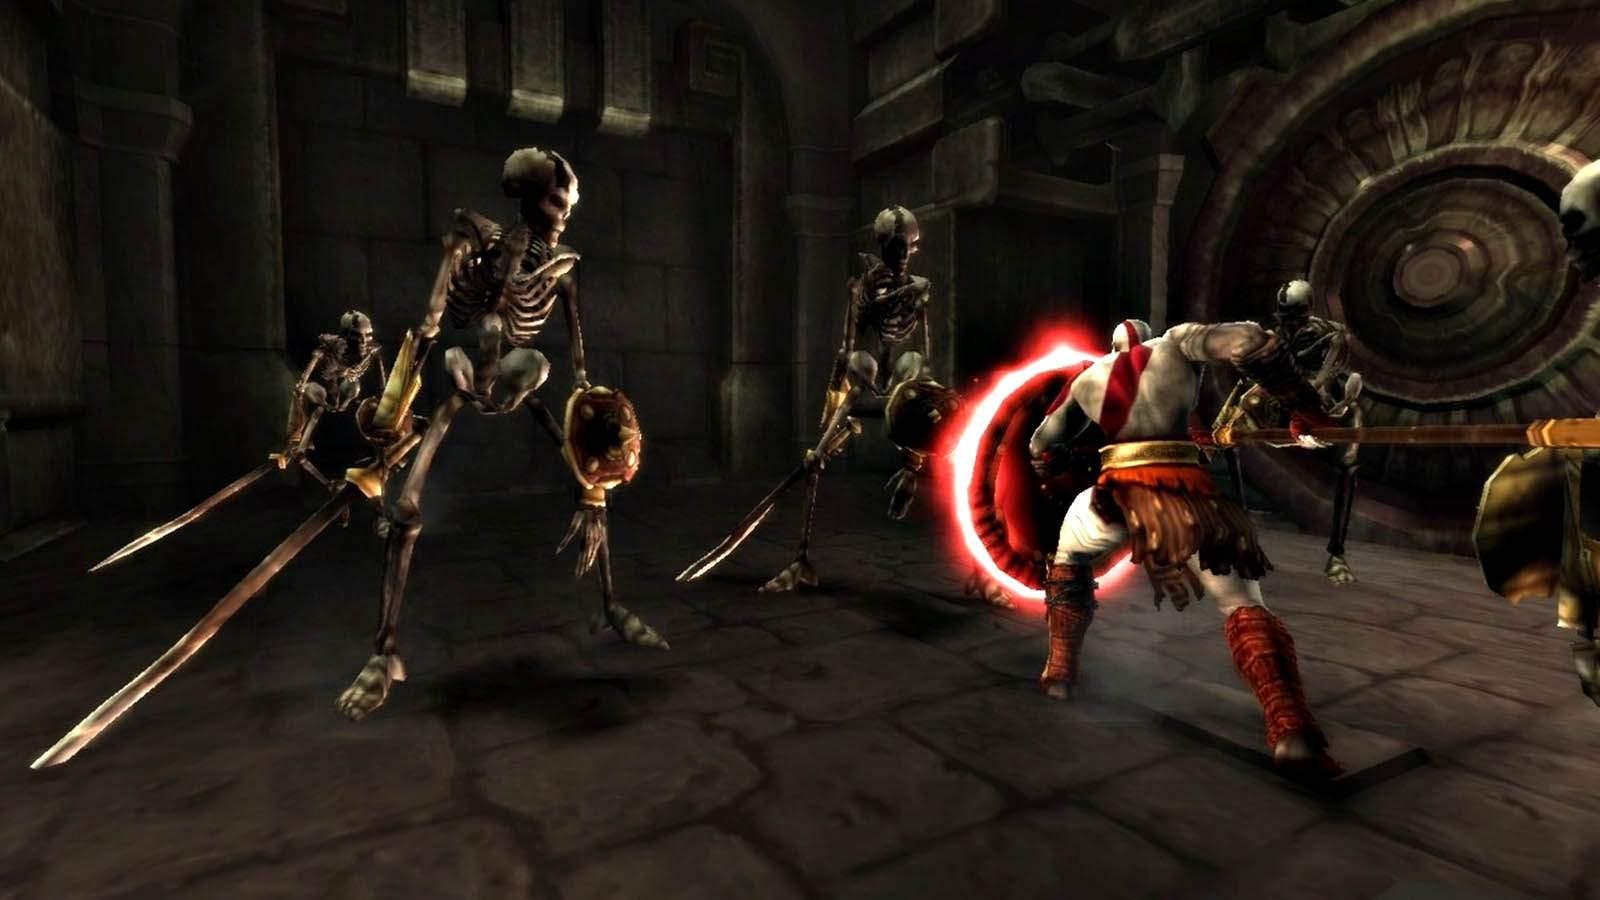 تحميل لعبة God Of War Ghost Of Sparta مضغوطة برابط واحد مباشر + تورنت كاملة مجانا